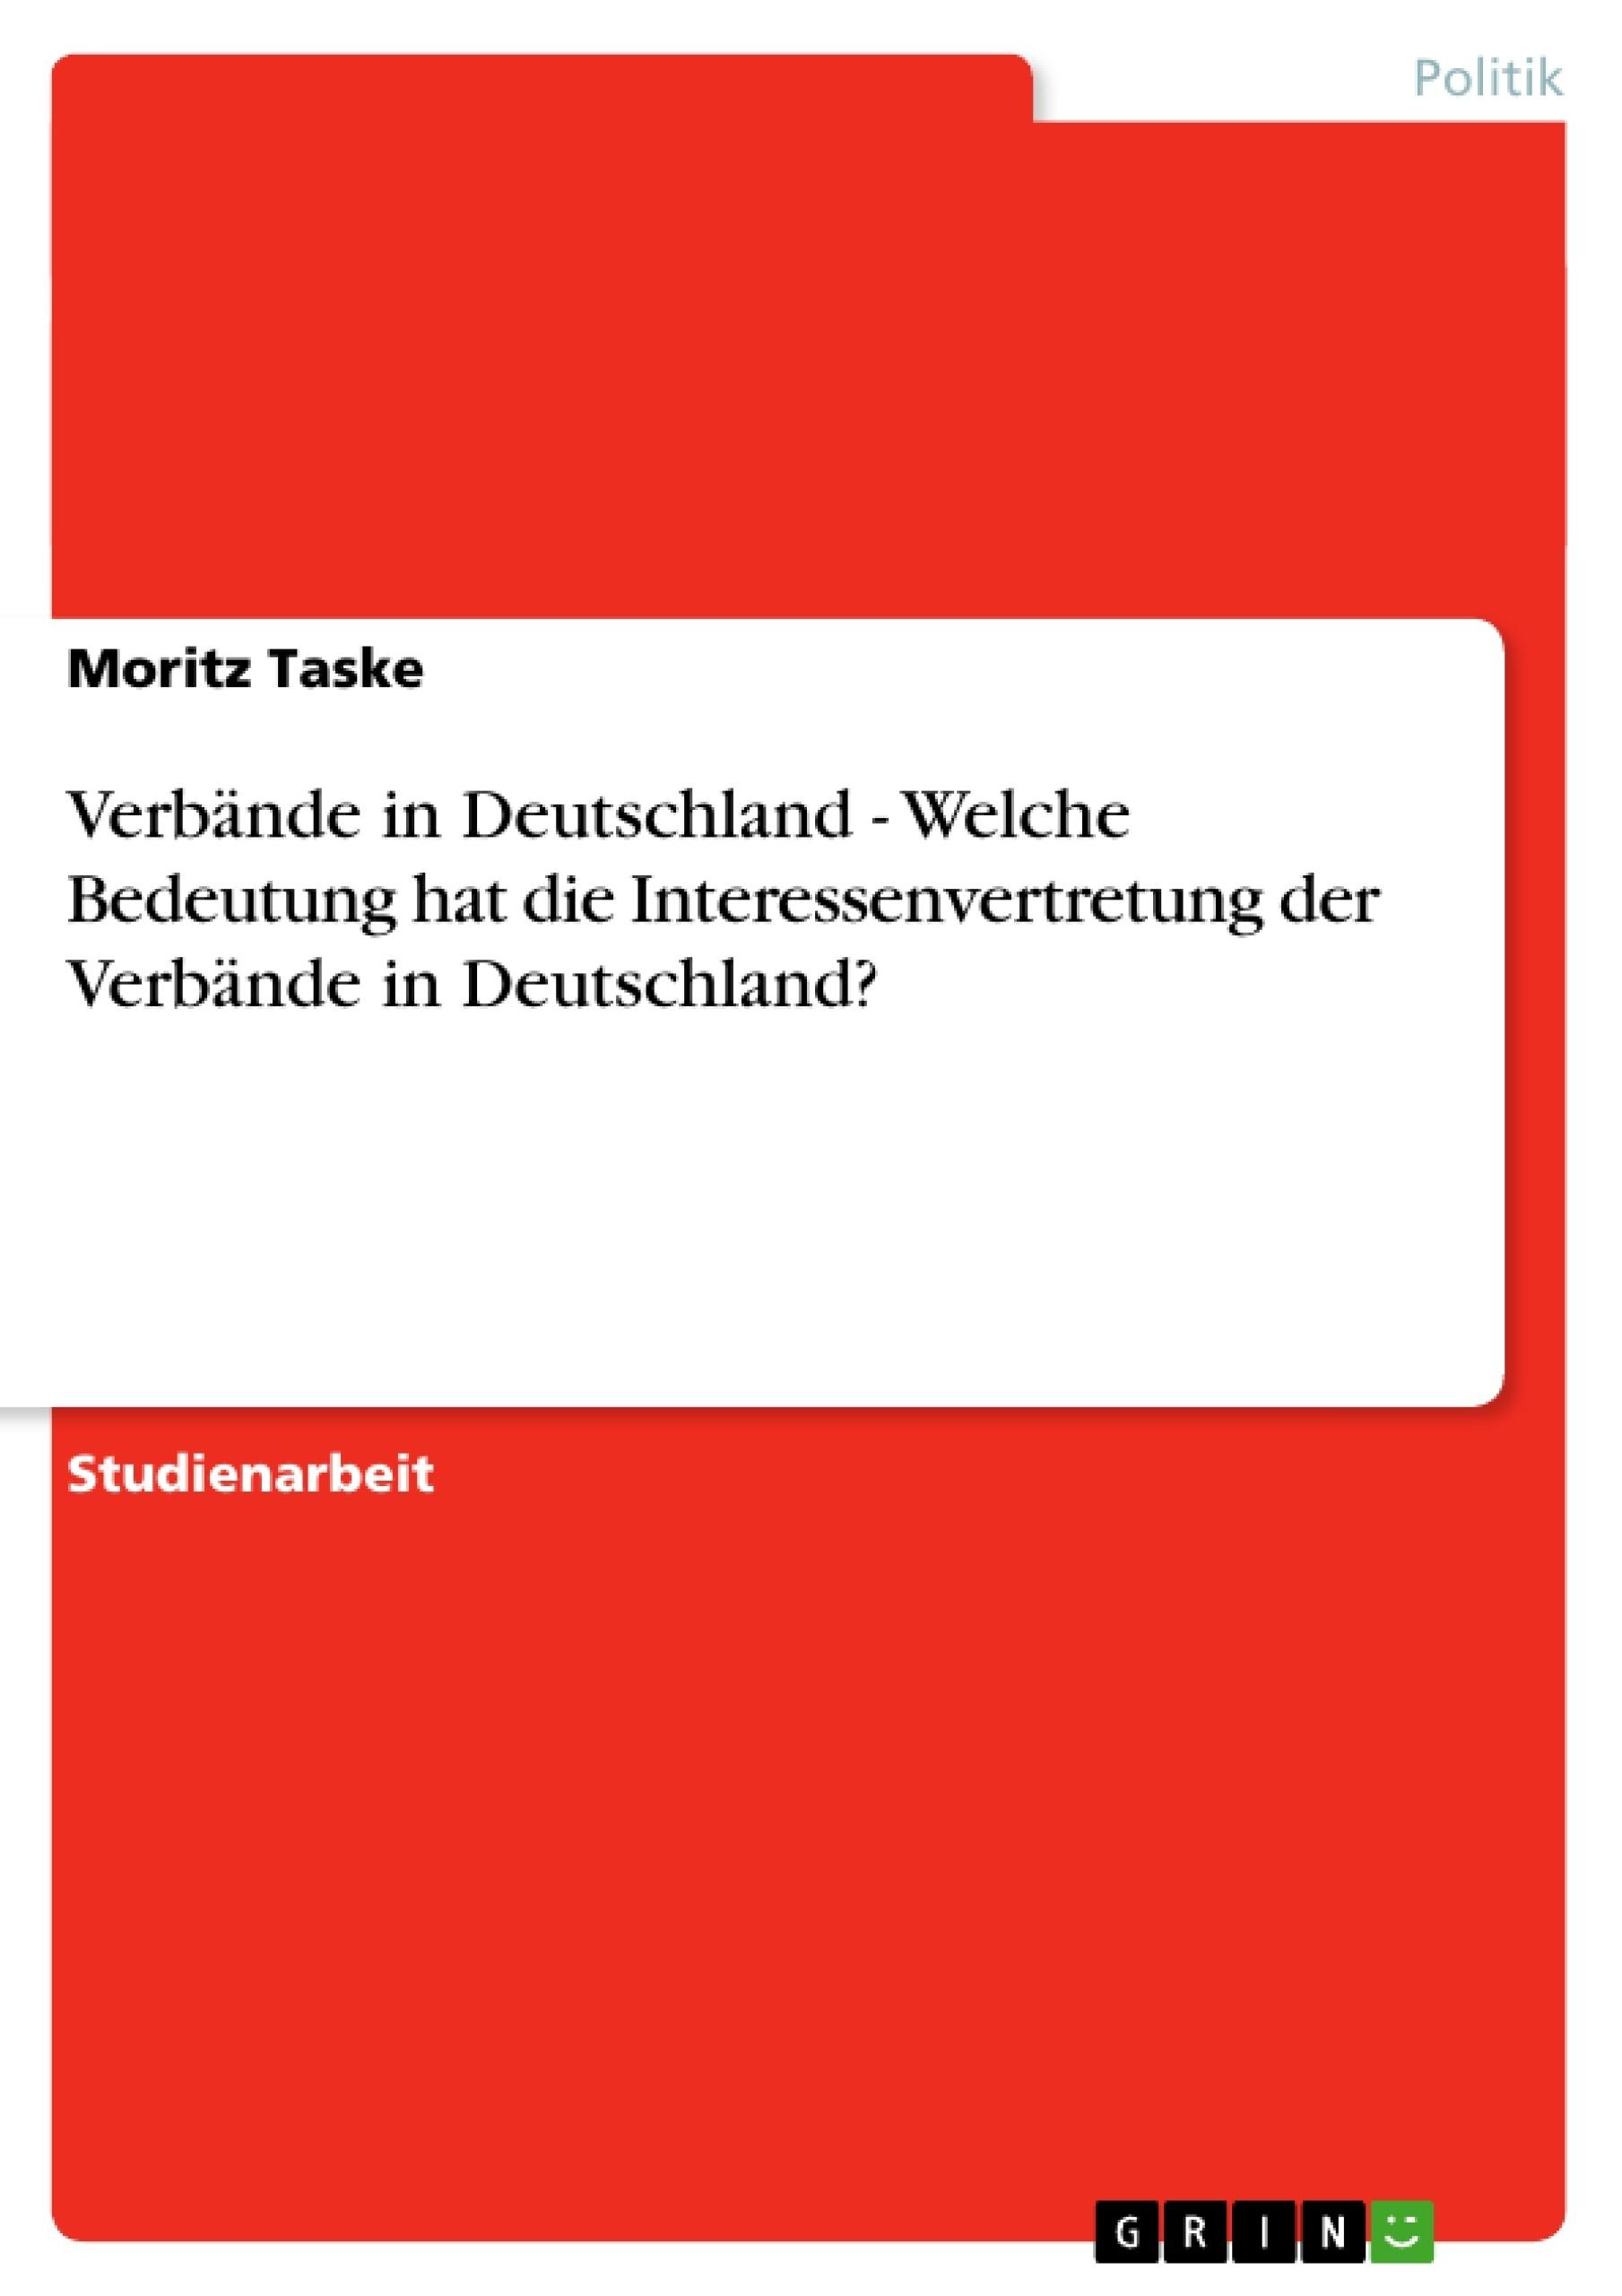 Titel: Verbände in Deutschland - Welche Bedeutung hat die Interessenvertretung der Verbände in Deutschland?